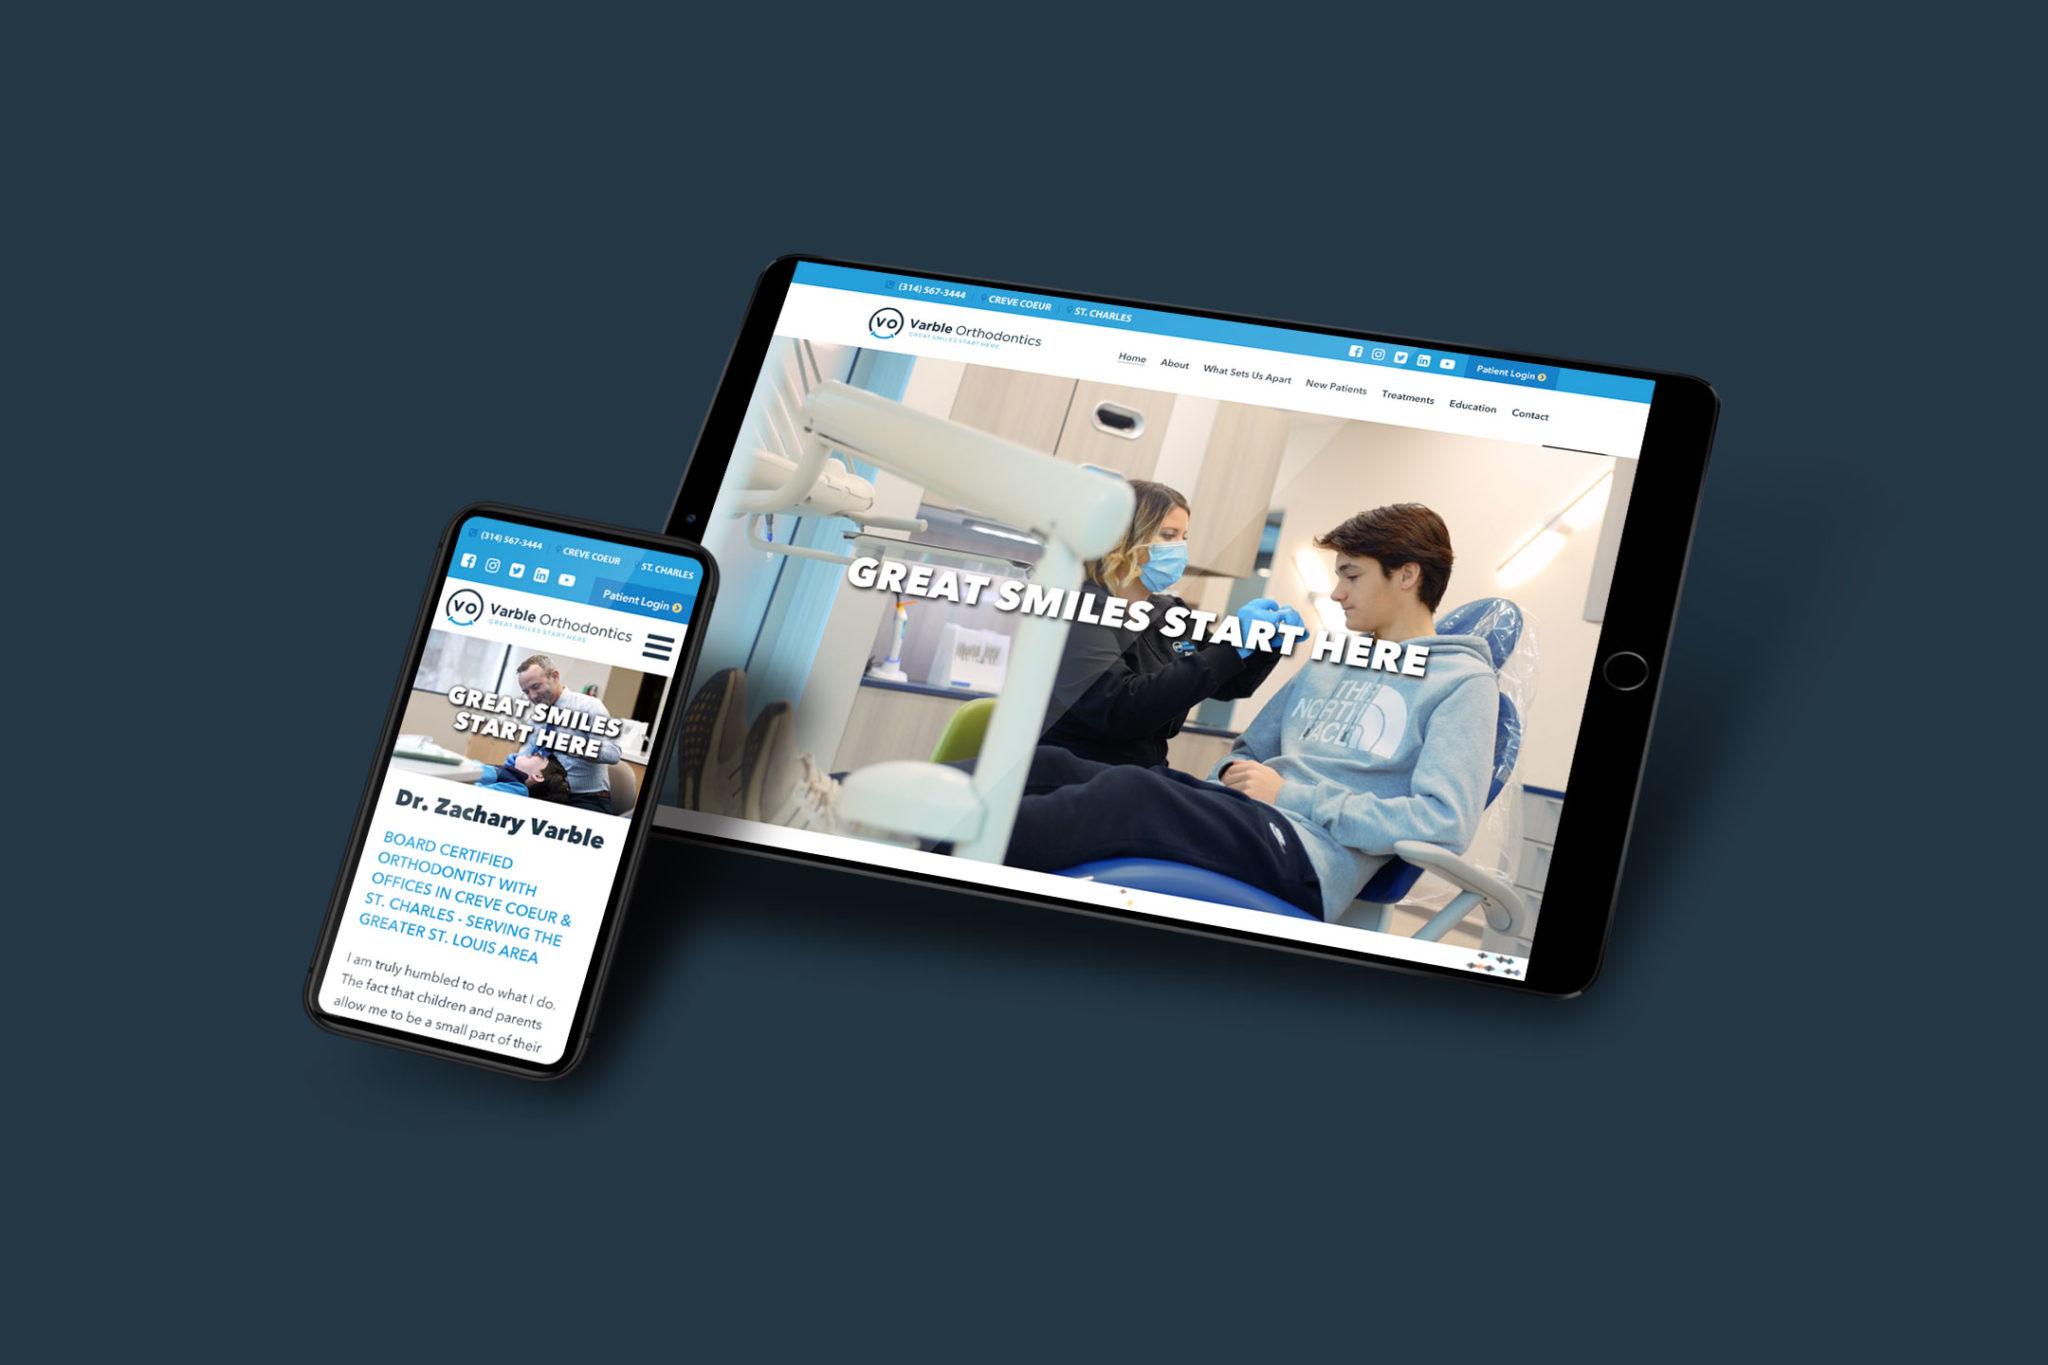 VO website design